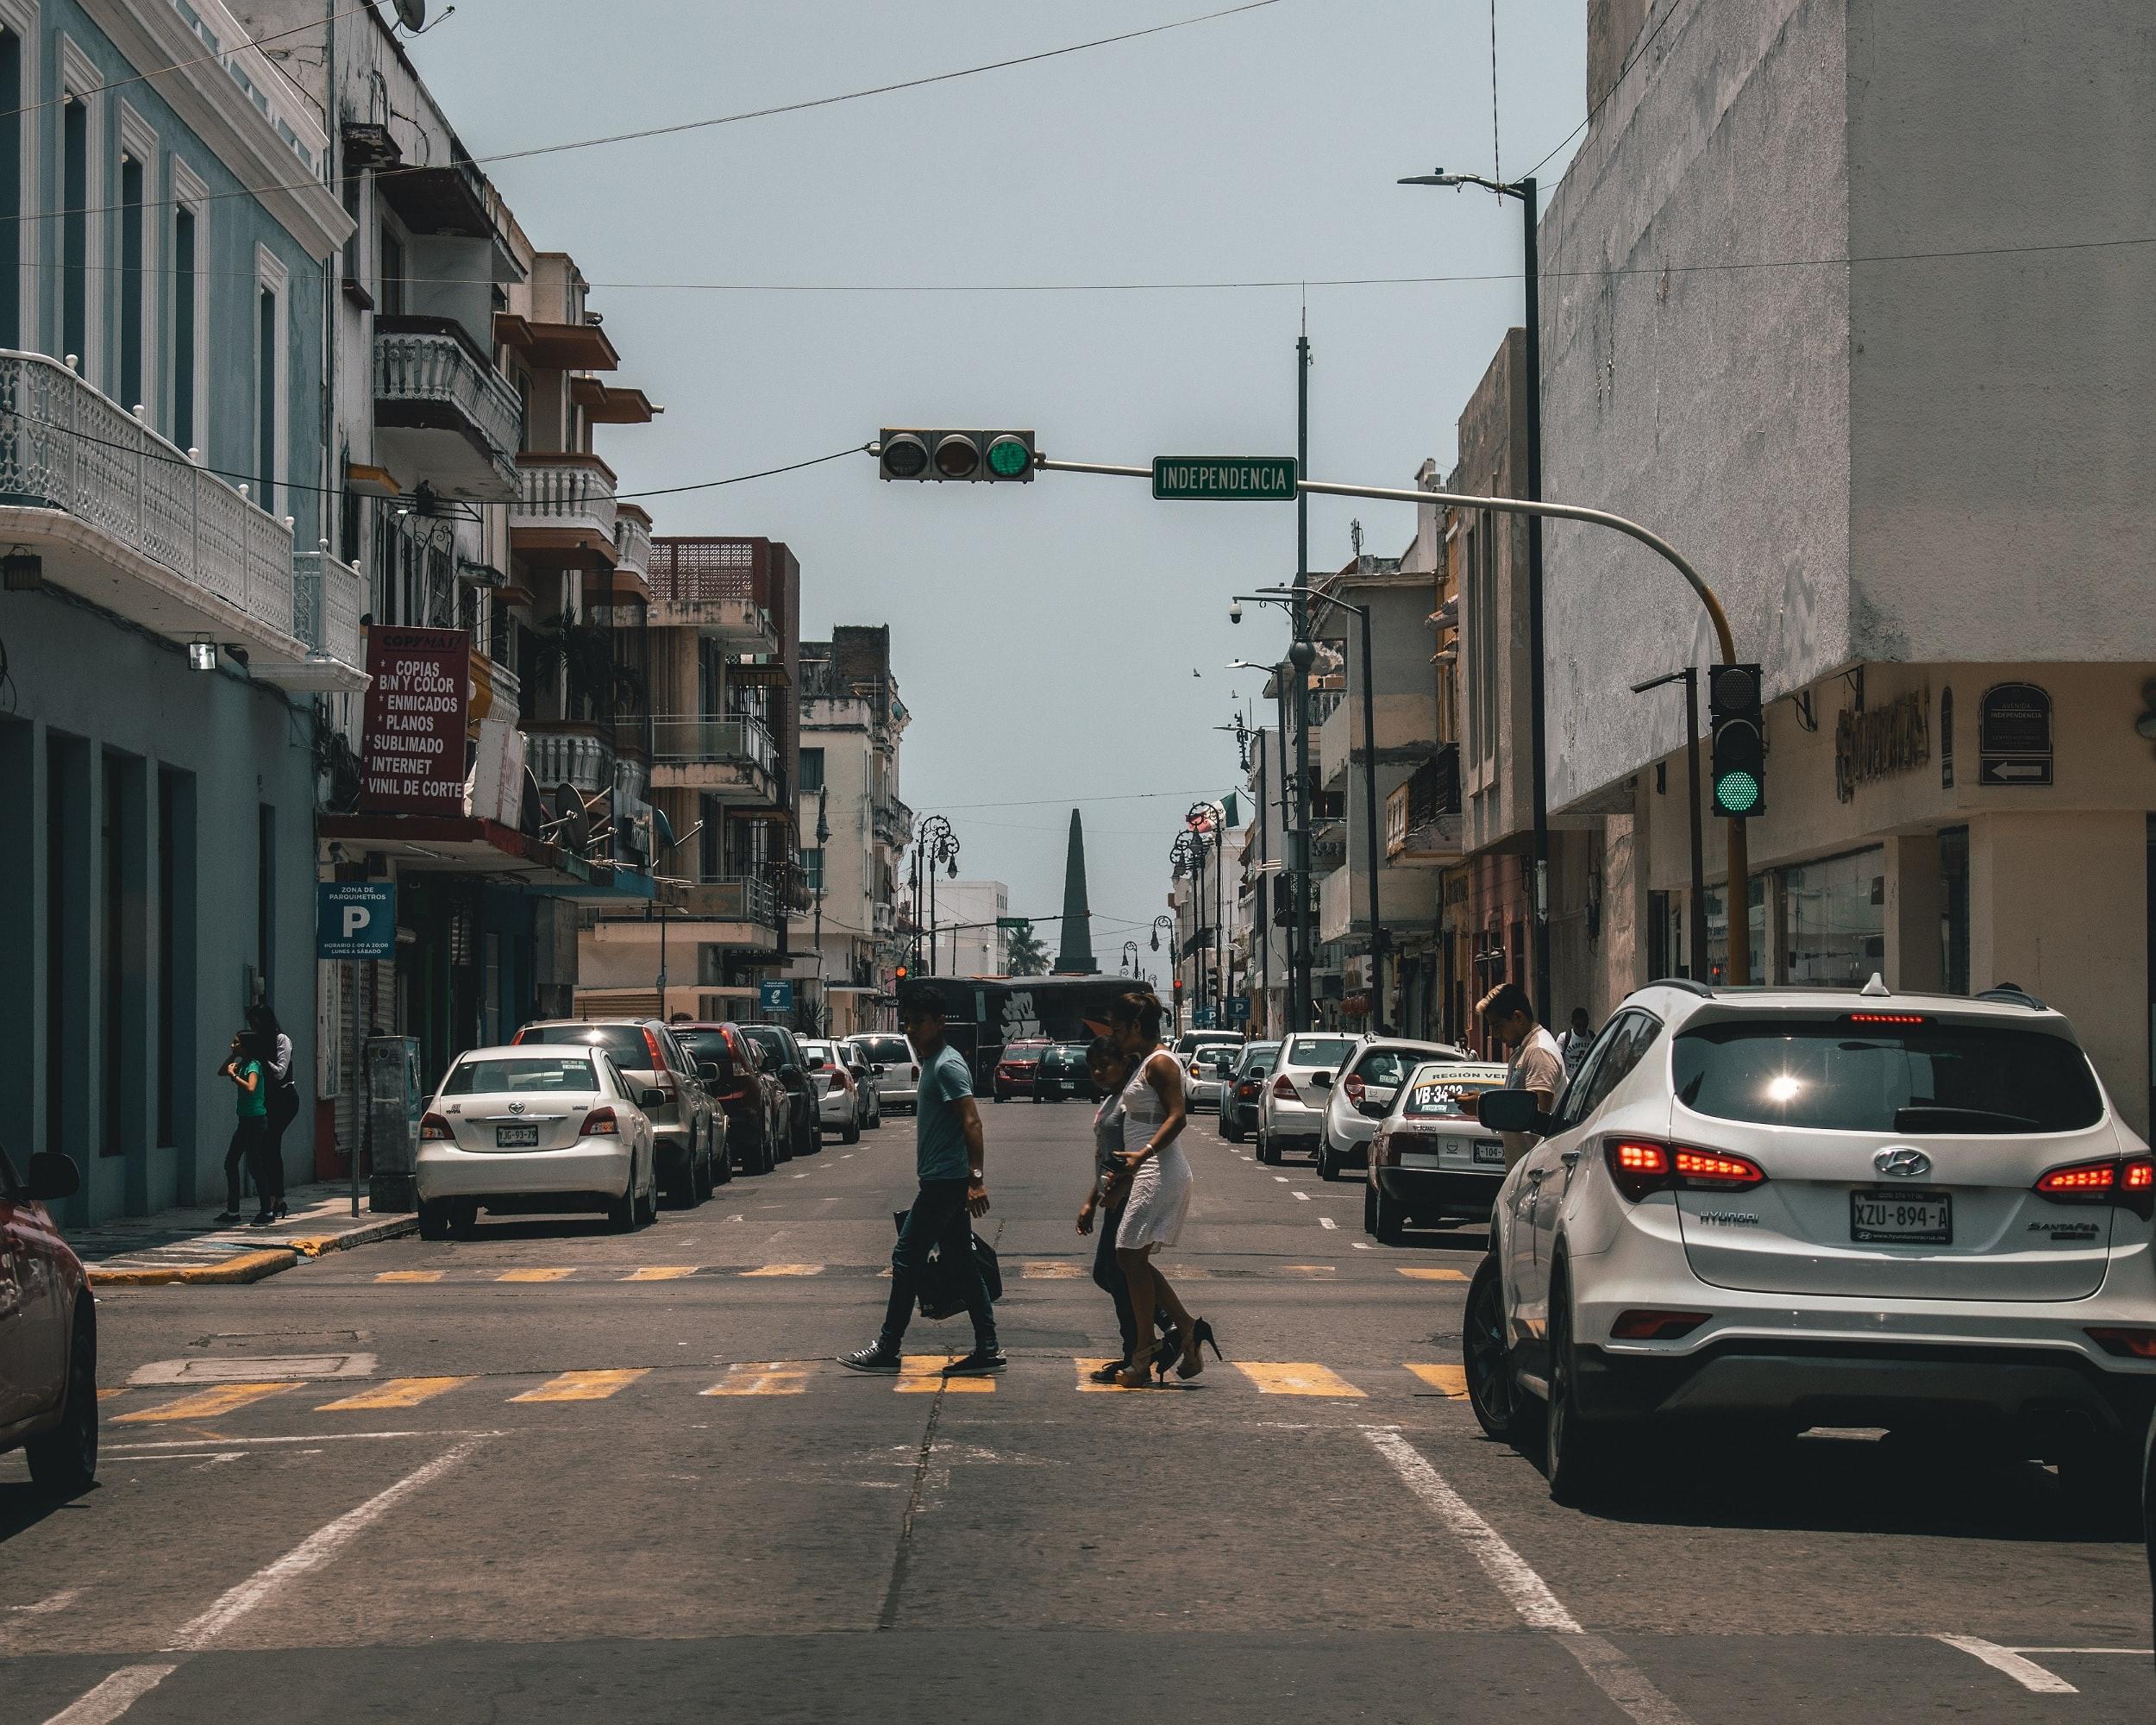 Centro de Veracruz. Hector Carrera/Unsplash.